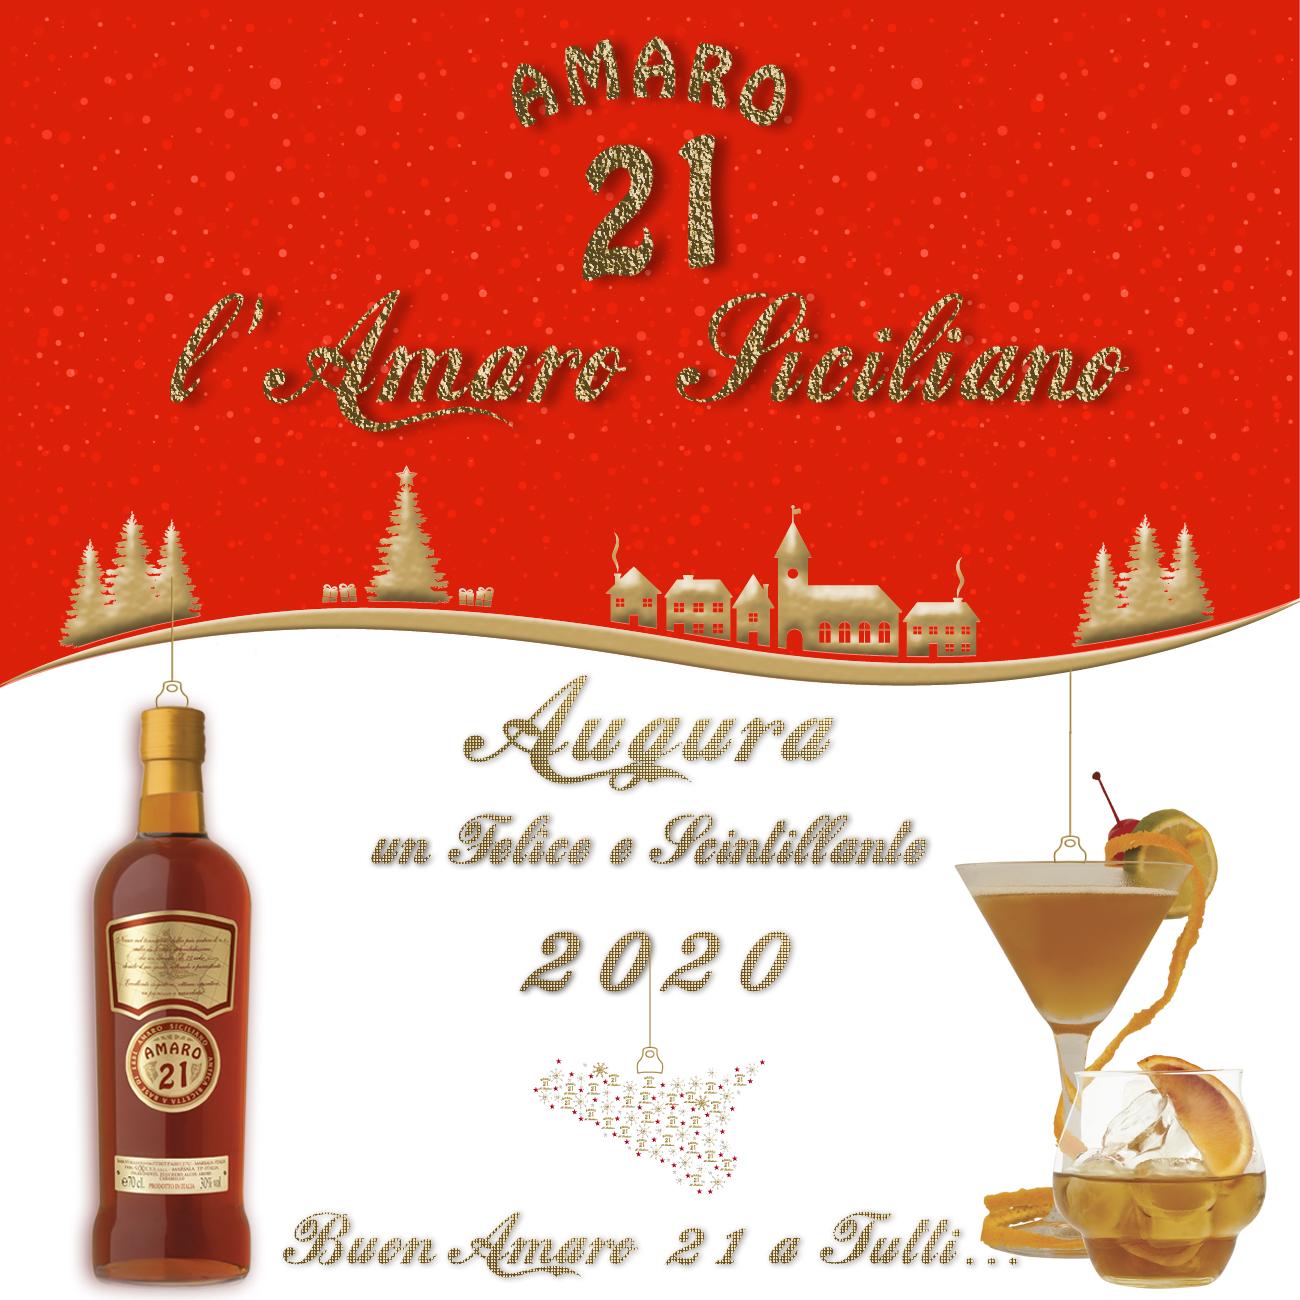 Photo of Gli auguri dell'Amaro 21